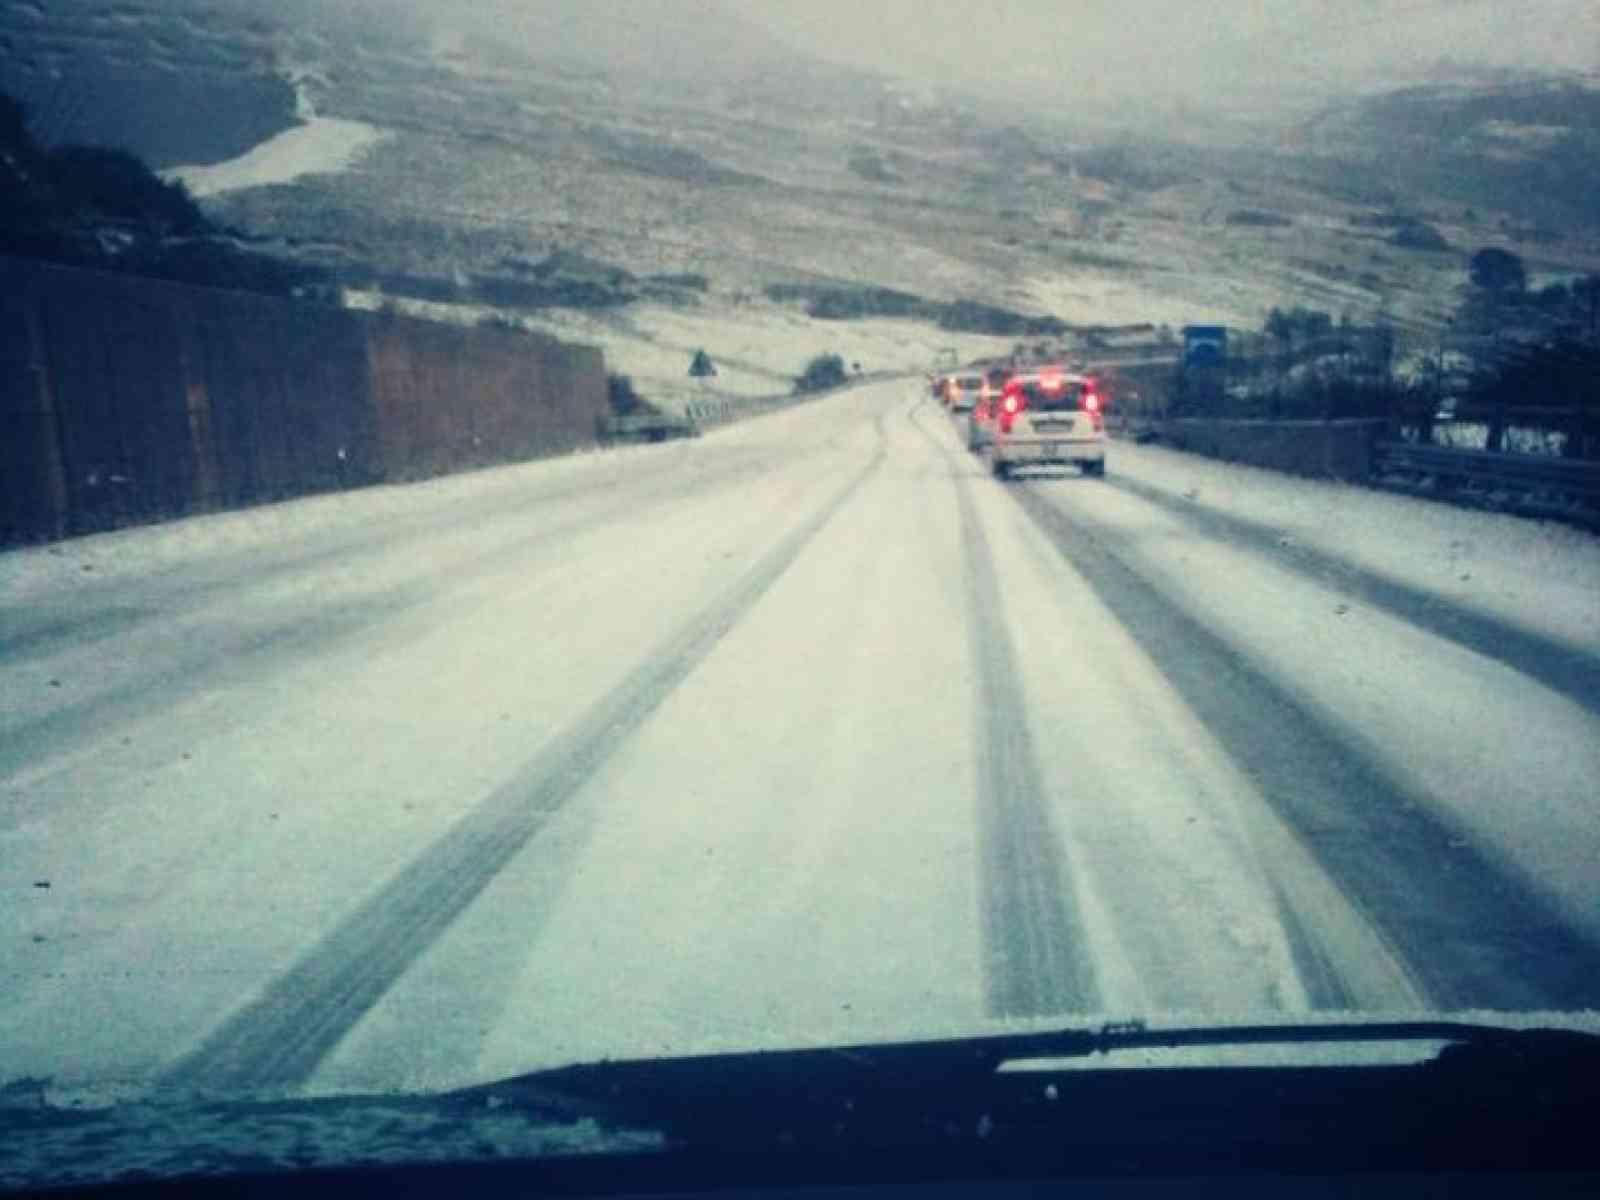 Neve sulla fondovalle nei pressi di Giacalone. Transito lento e con catene